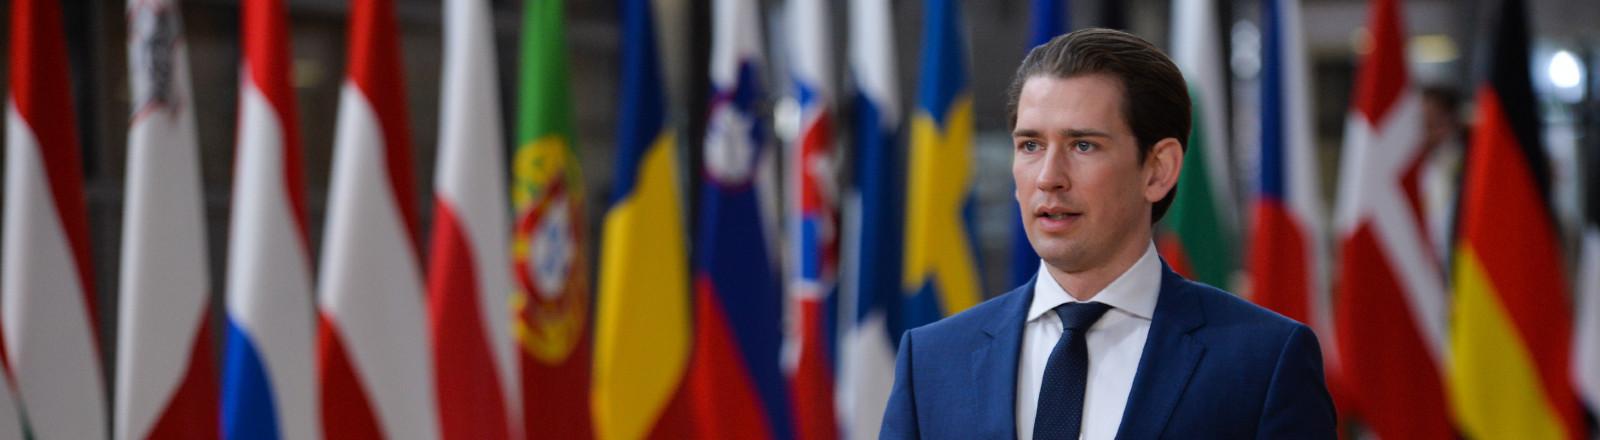 Österreichs Kanzler Sebastian Kurz in Brüssel vor Flaggen der EU-Mitgliedstaaten